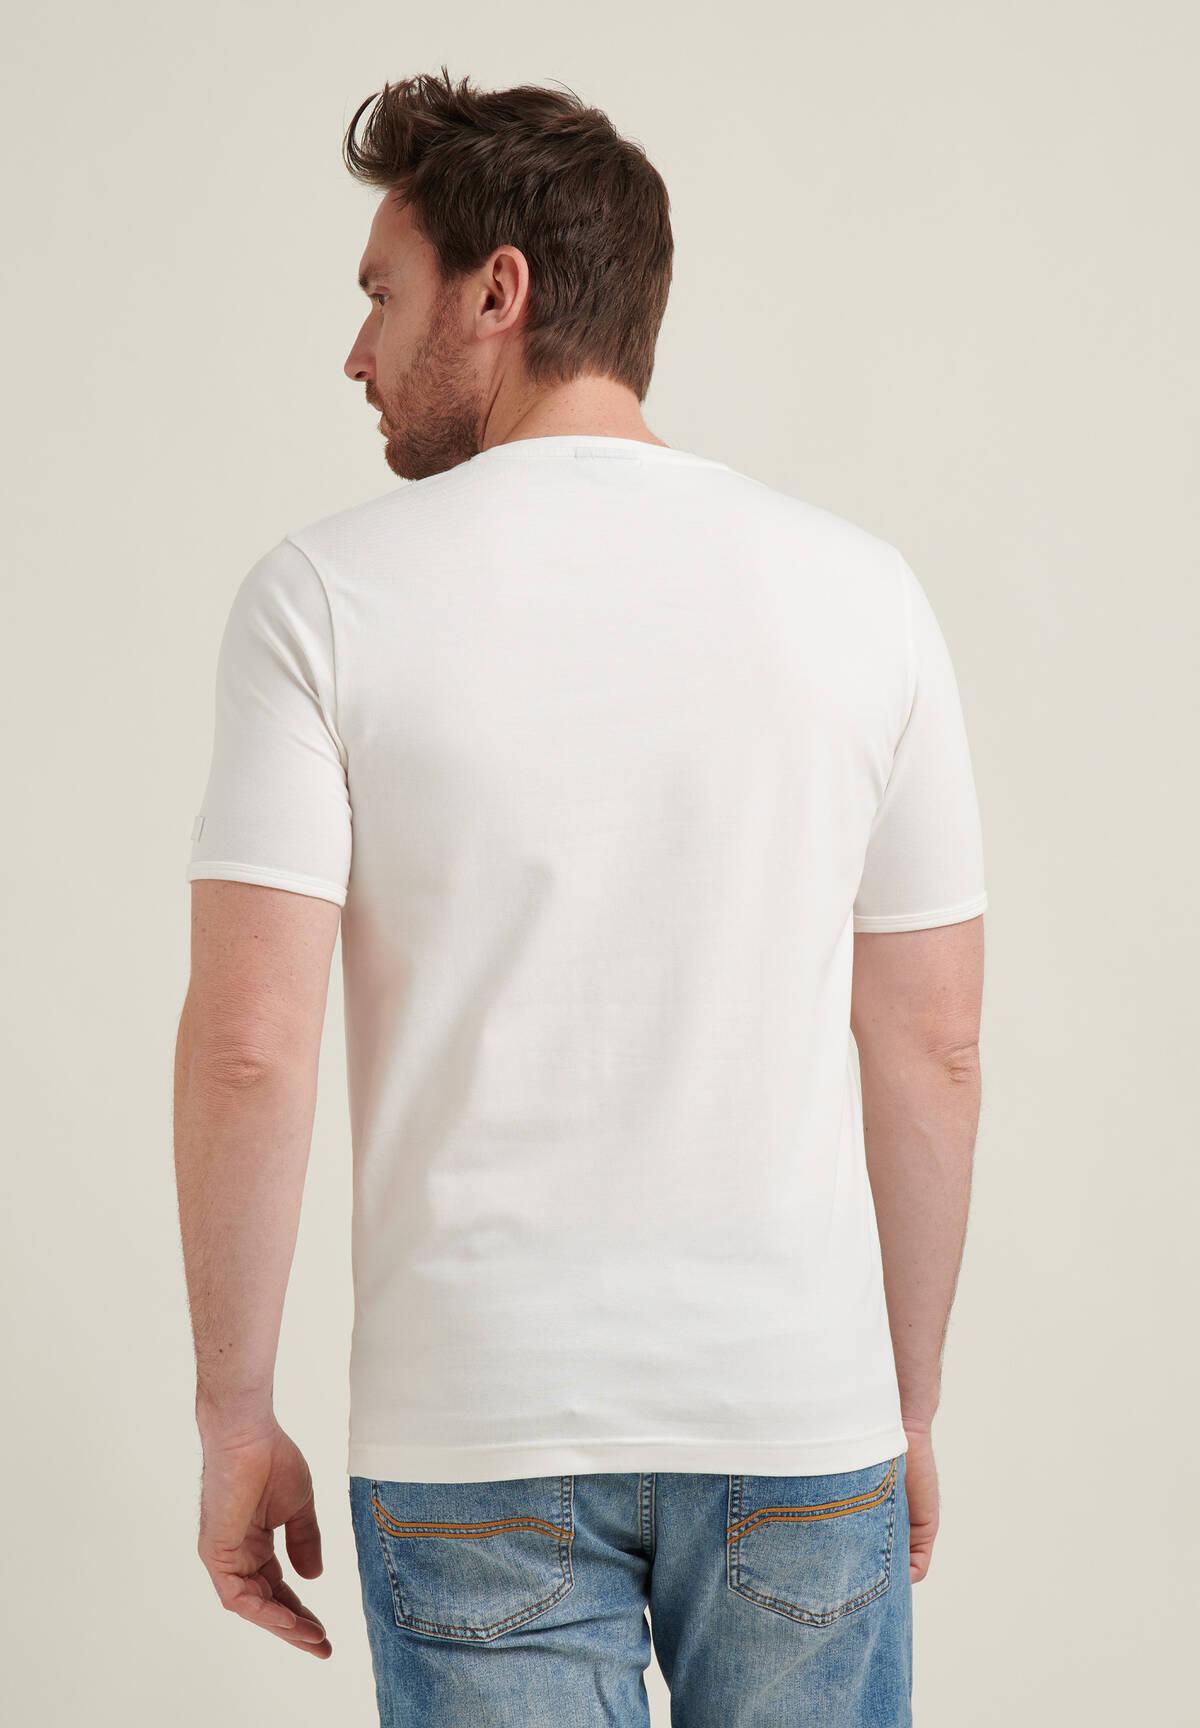 T-Shirt Frontprint / T-SHIRT PLACED PRINT